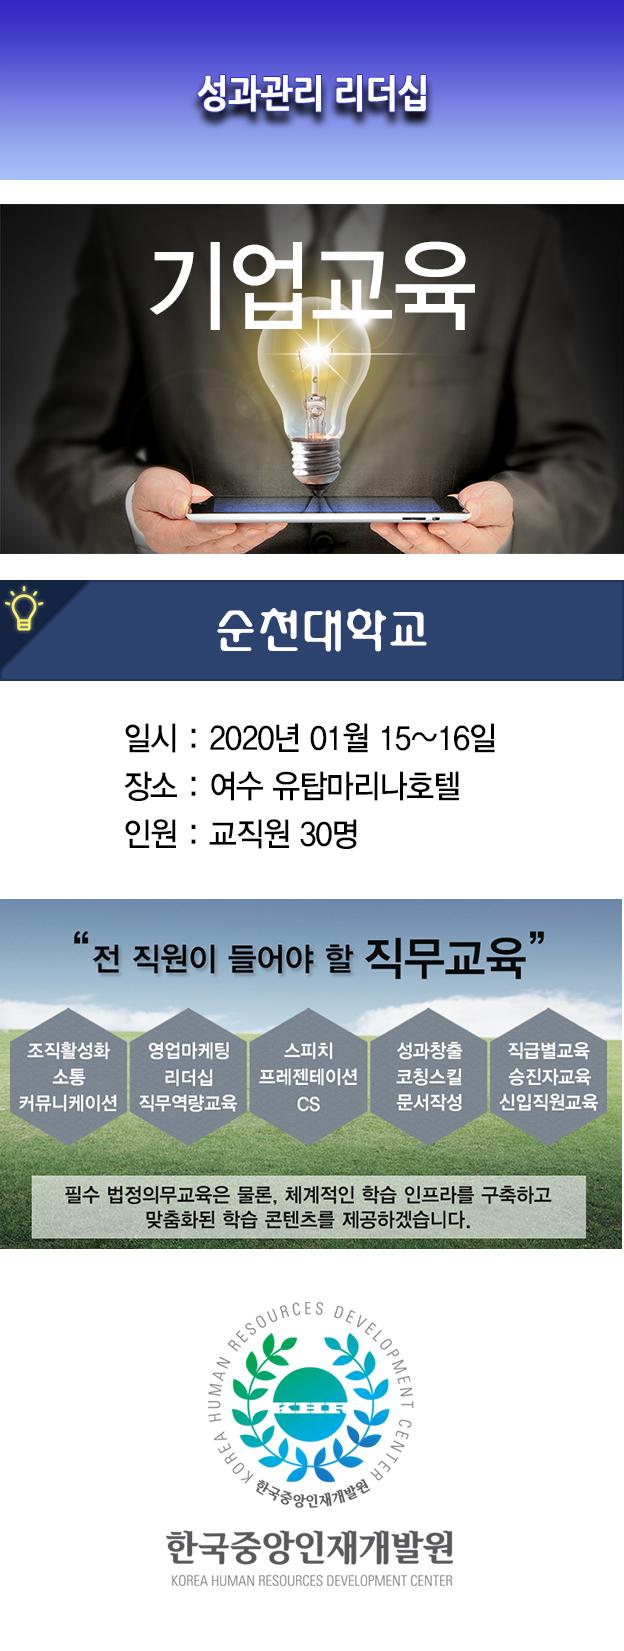 한국중앙인재개발원 공지사항_순천대학교.JPG